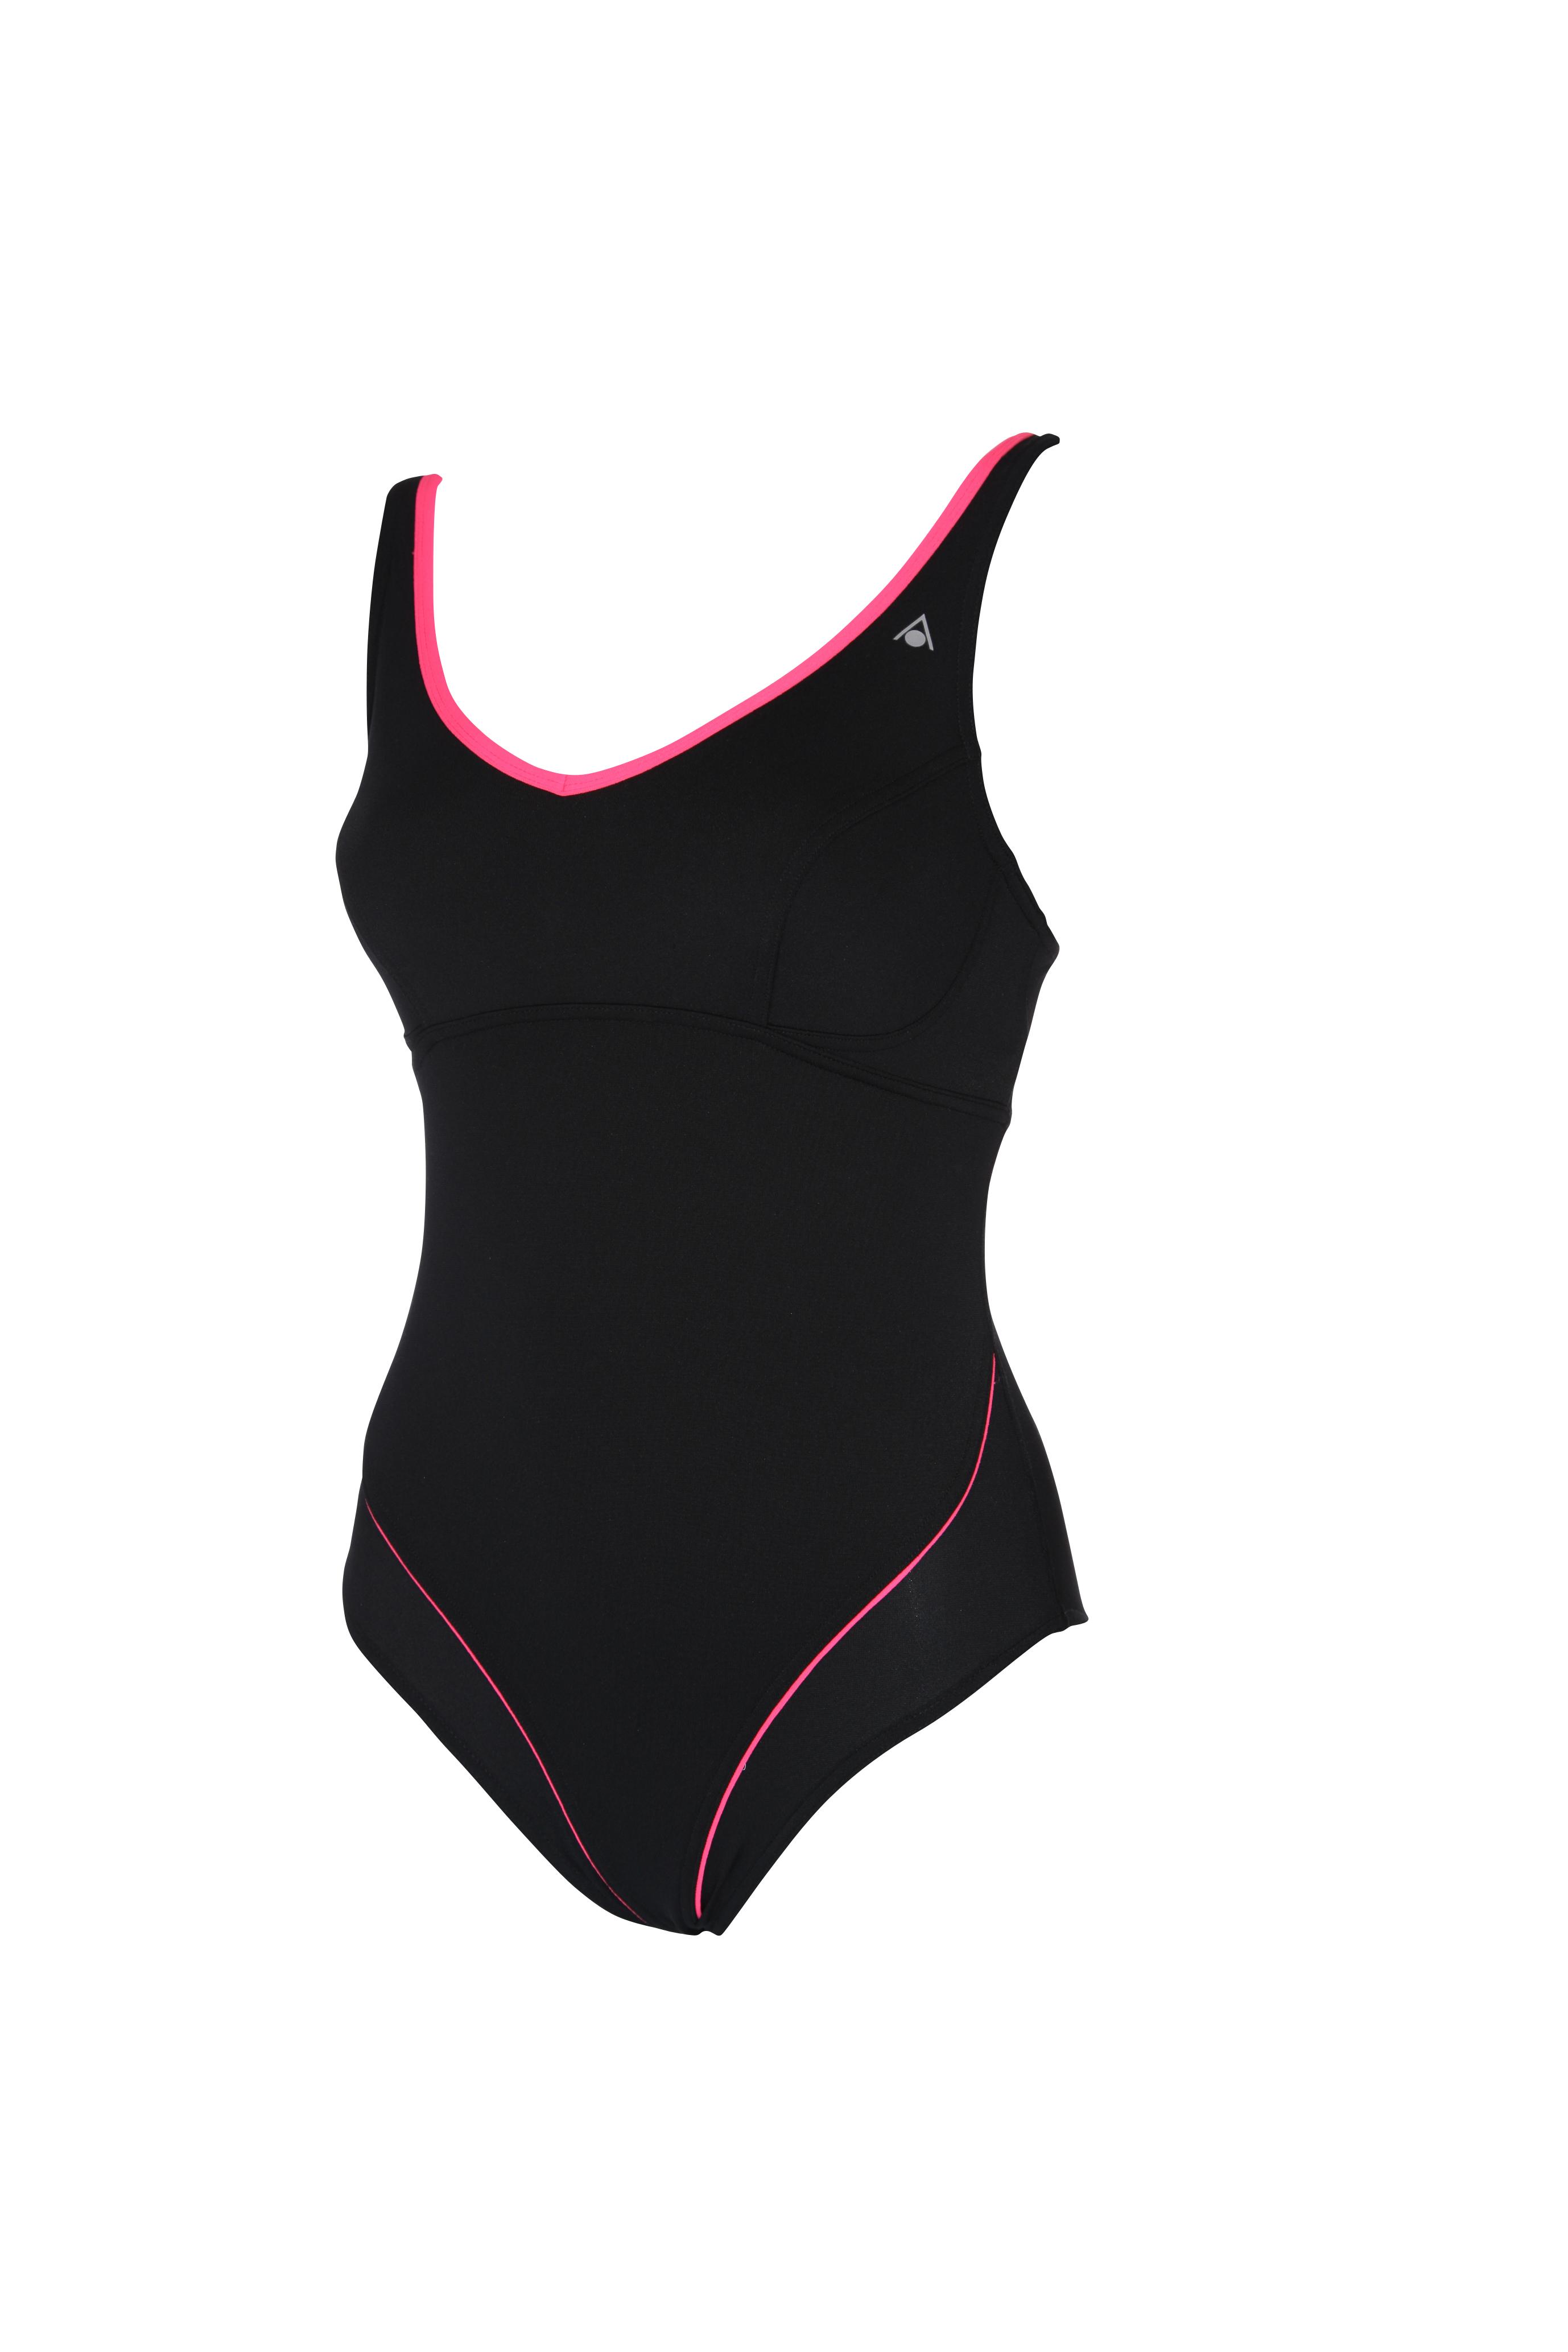 aqua sphere chloe femmes maillots de bain maillot de bain costume noir rose toutes les tailles. Black Bedroom Furniture Sets. Home Design Ideas